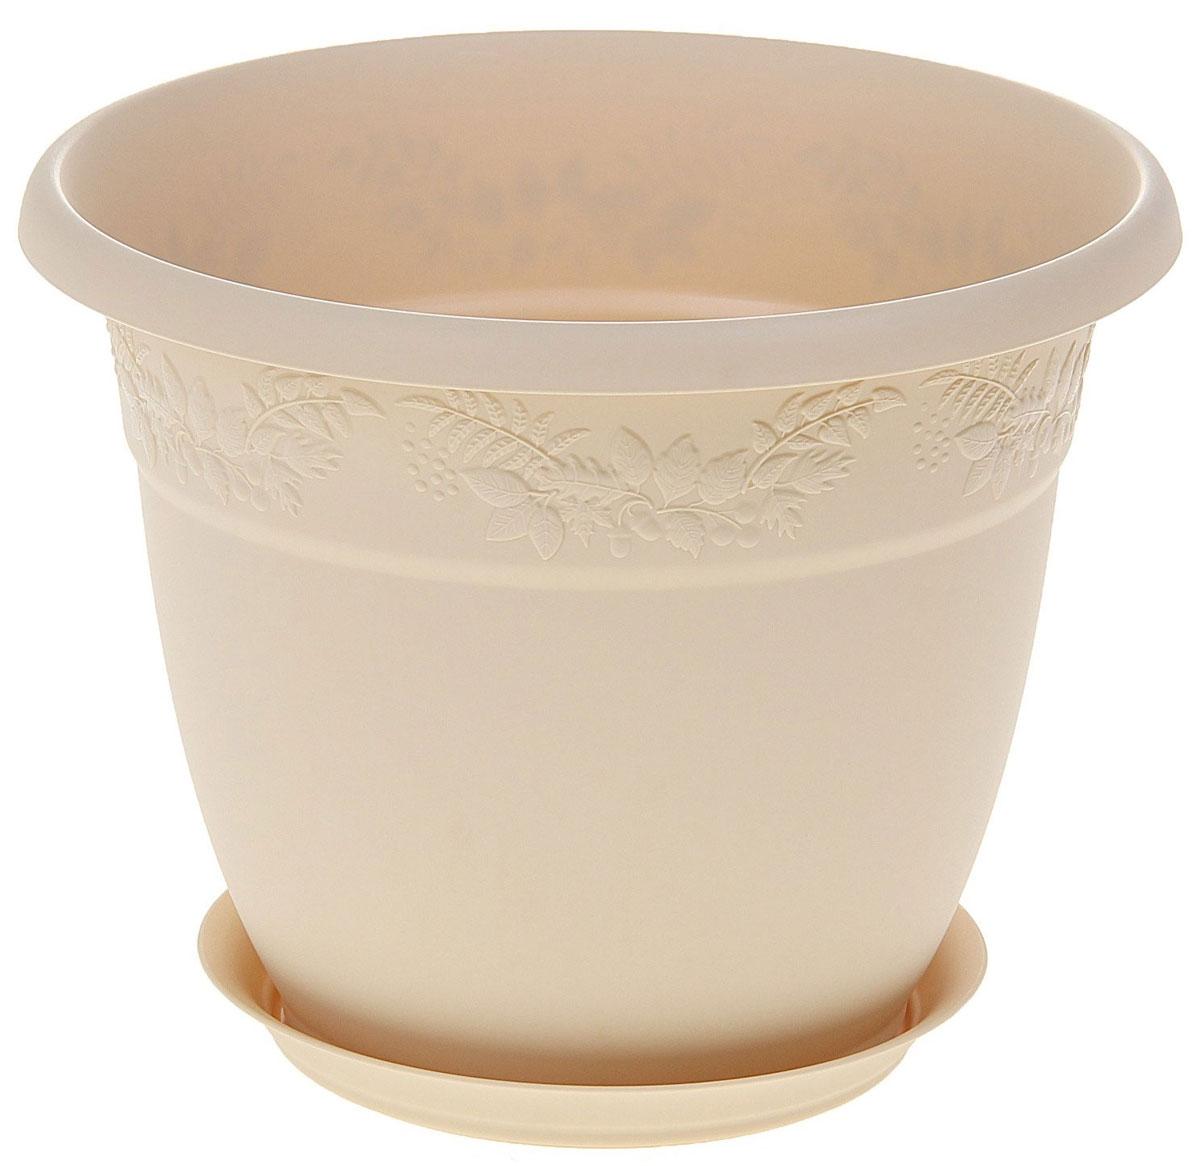 Кашпо Idea Рябина, с поддоном, цвет: белая глина, 3,6 лМ 3055Кашпо Idea Рябина изготовлено из высококачественного полипропилена (пластика). Специальный поддон предназначен для стока воды. Изделие прекрасно подходит для выращивания растений и цветов в домашних условиях. Лаконичный дизайн впишется в интерьер любого помещения. Диаметр поддона: 15 см. Объем кашпо: 3,6 л. Диаметр кашпо по верхнему краю: 22 см. Высота кашпо: 17,5 см.